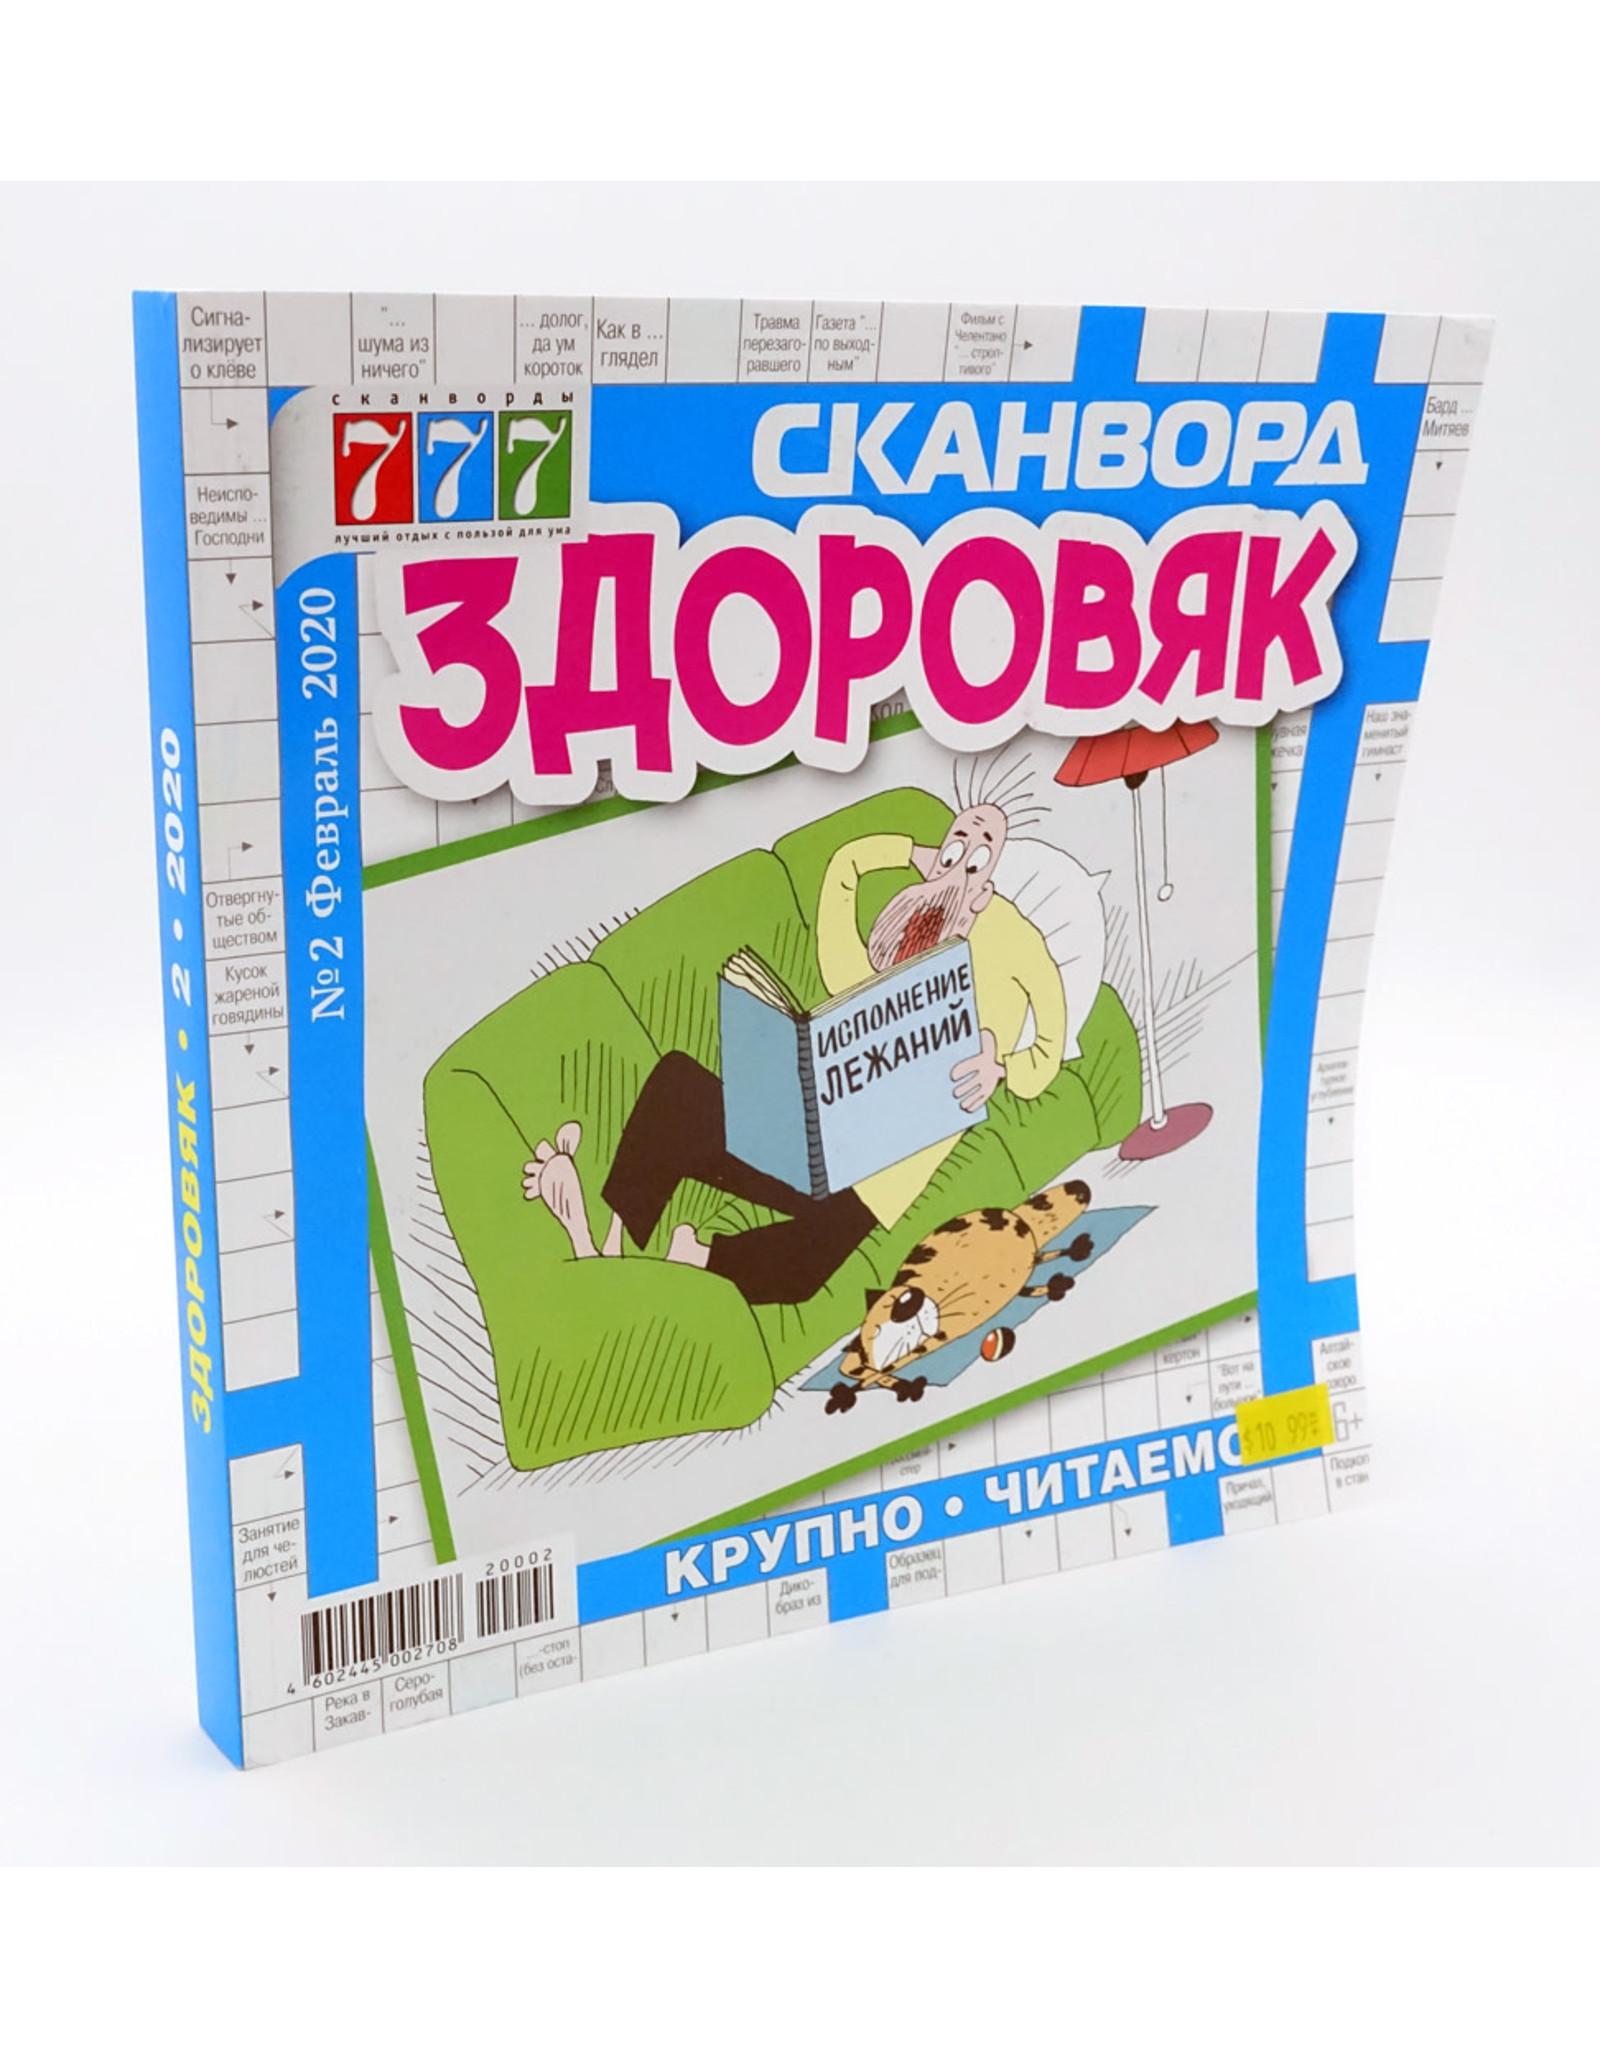 Сканвлрд Здоровяк, № 2